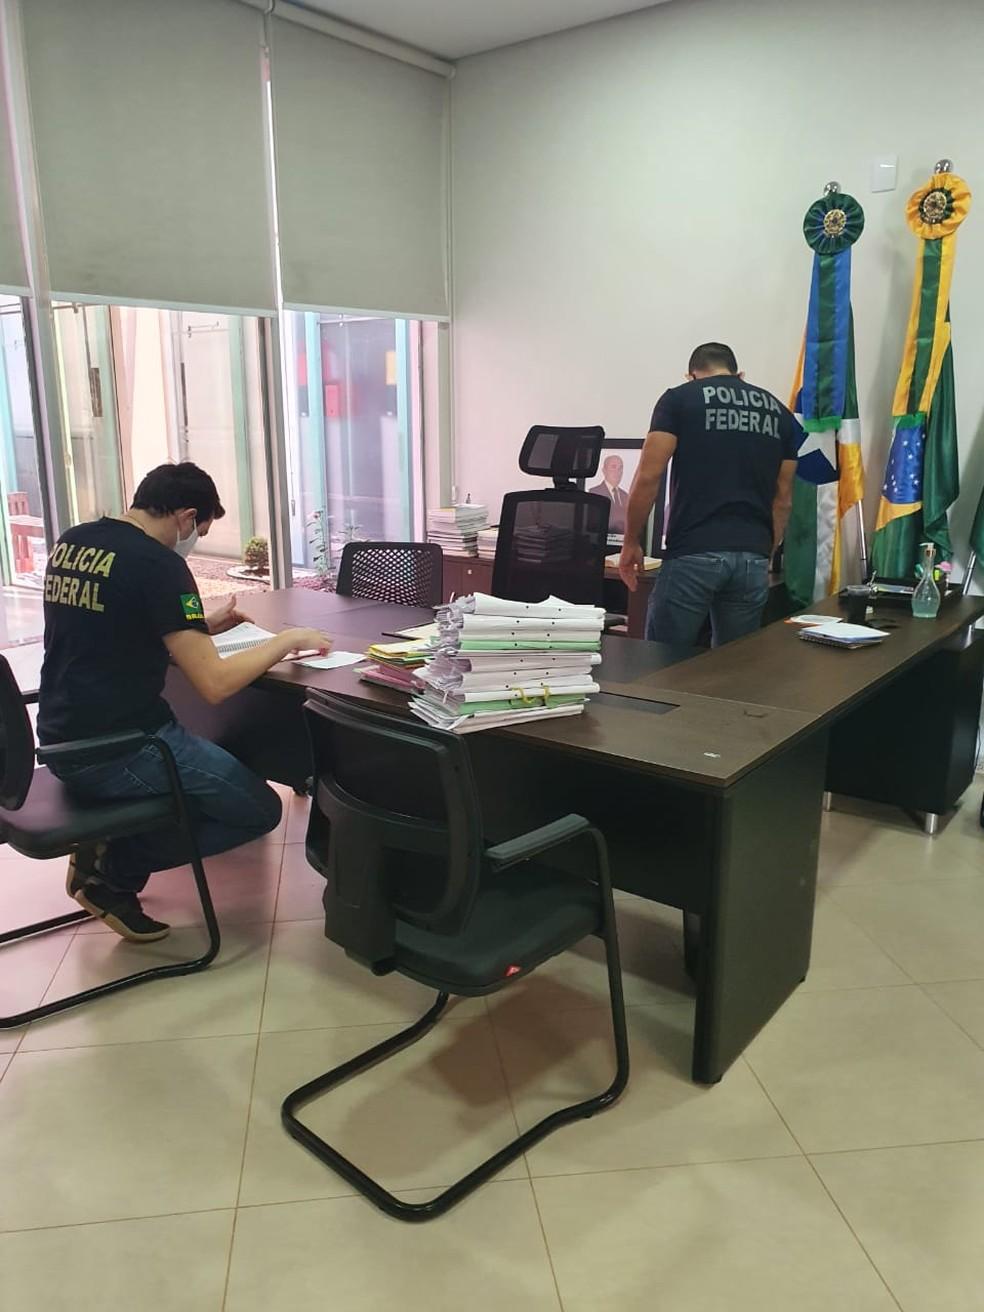 Polícia cumpre mandados no gabinete da prefeita Lebrinha, em São Francisco — Foto: PF/Divulgação